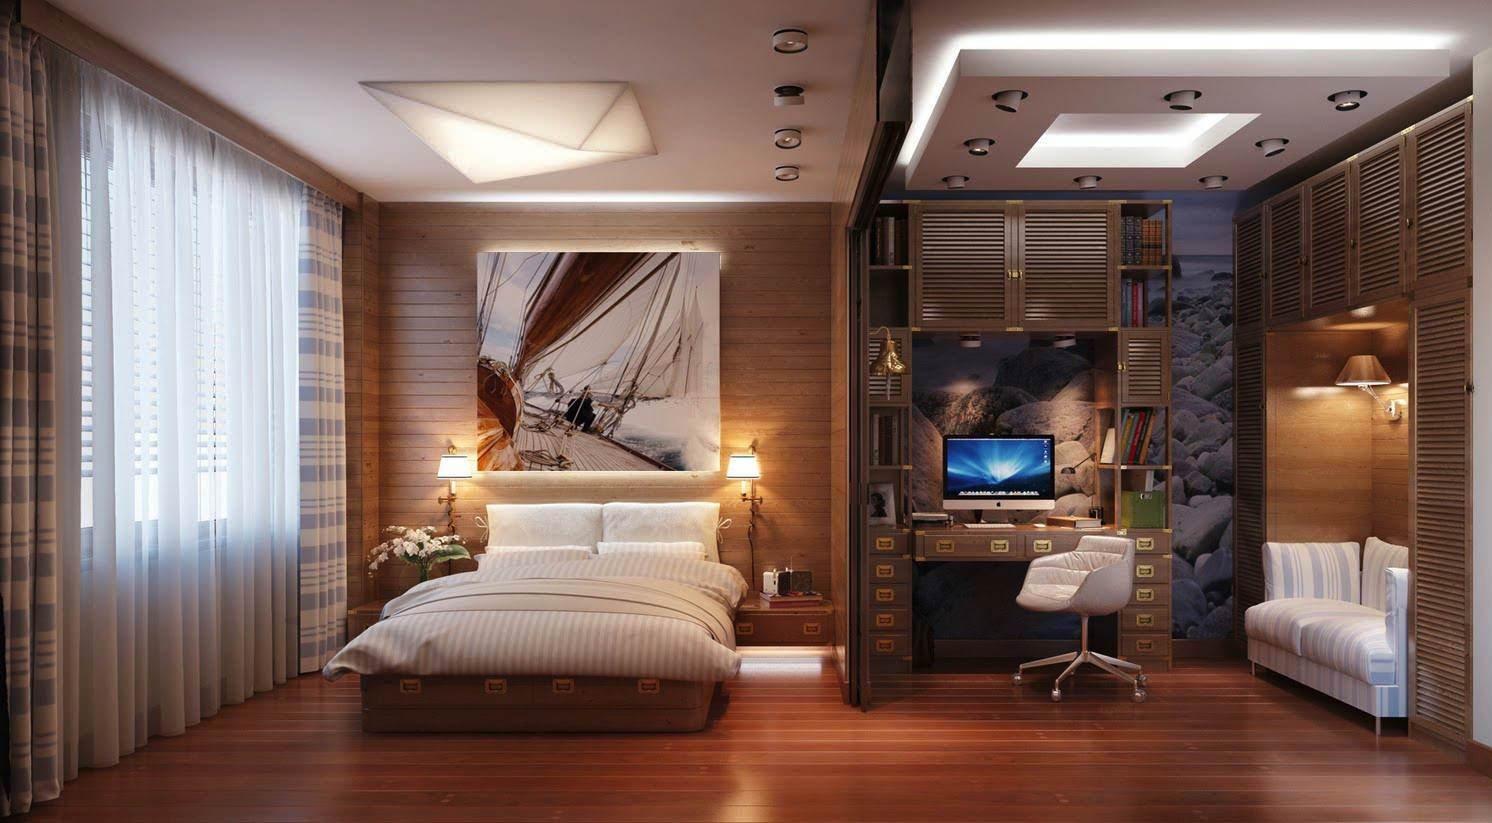 нравится, интересные дизайны комнат фото глаз способен